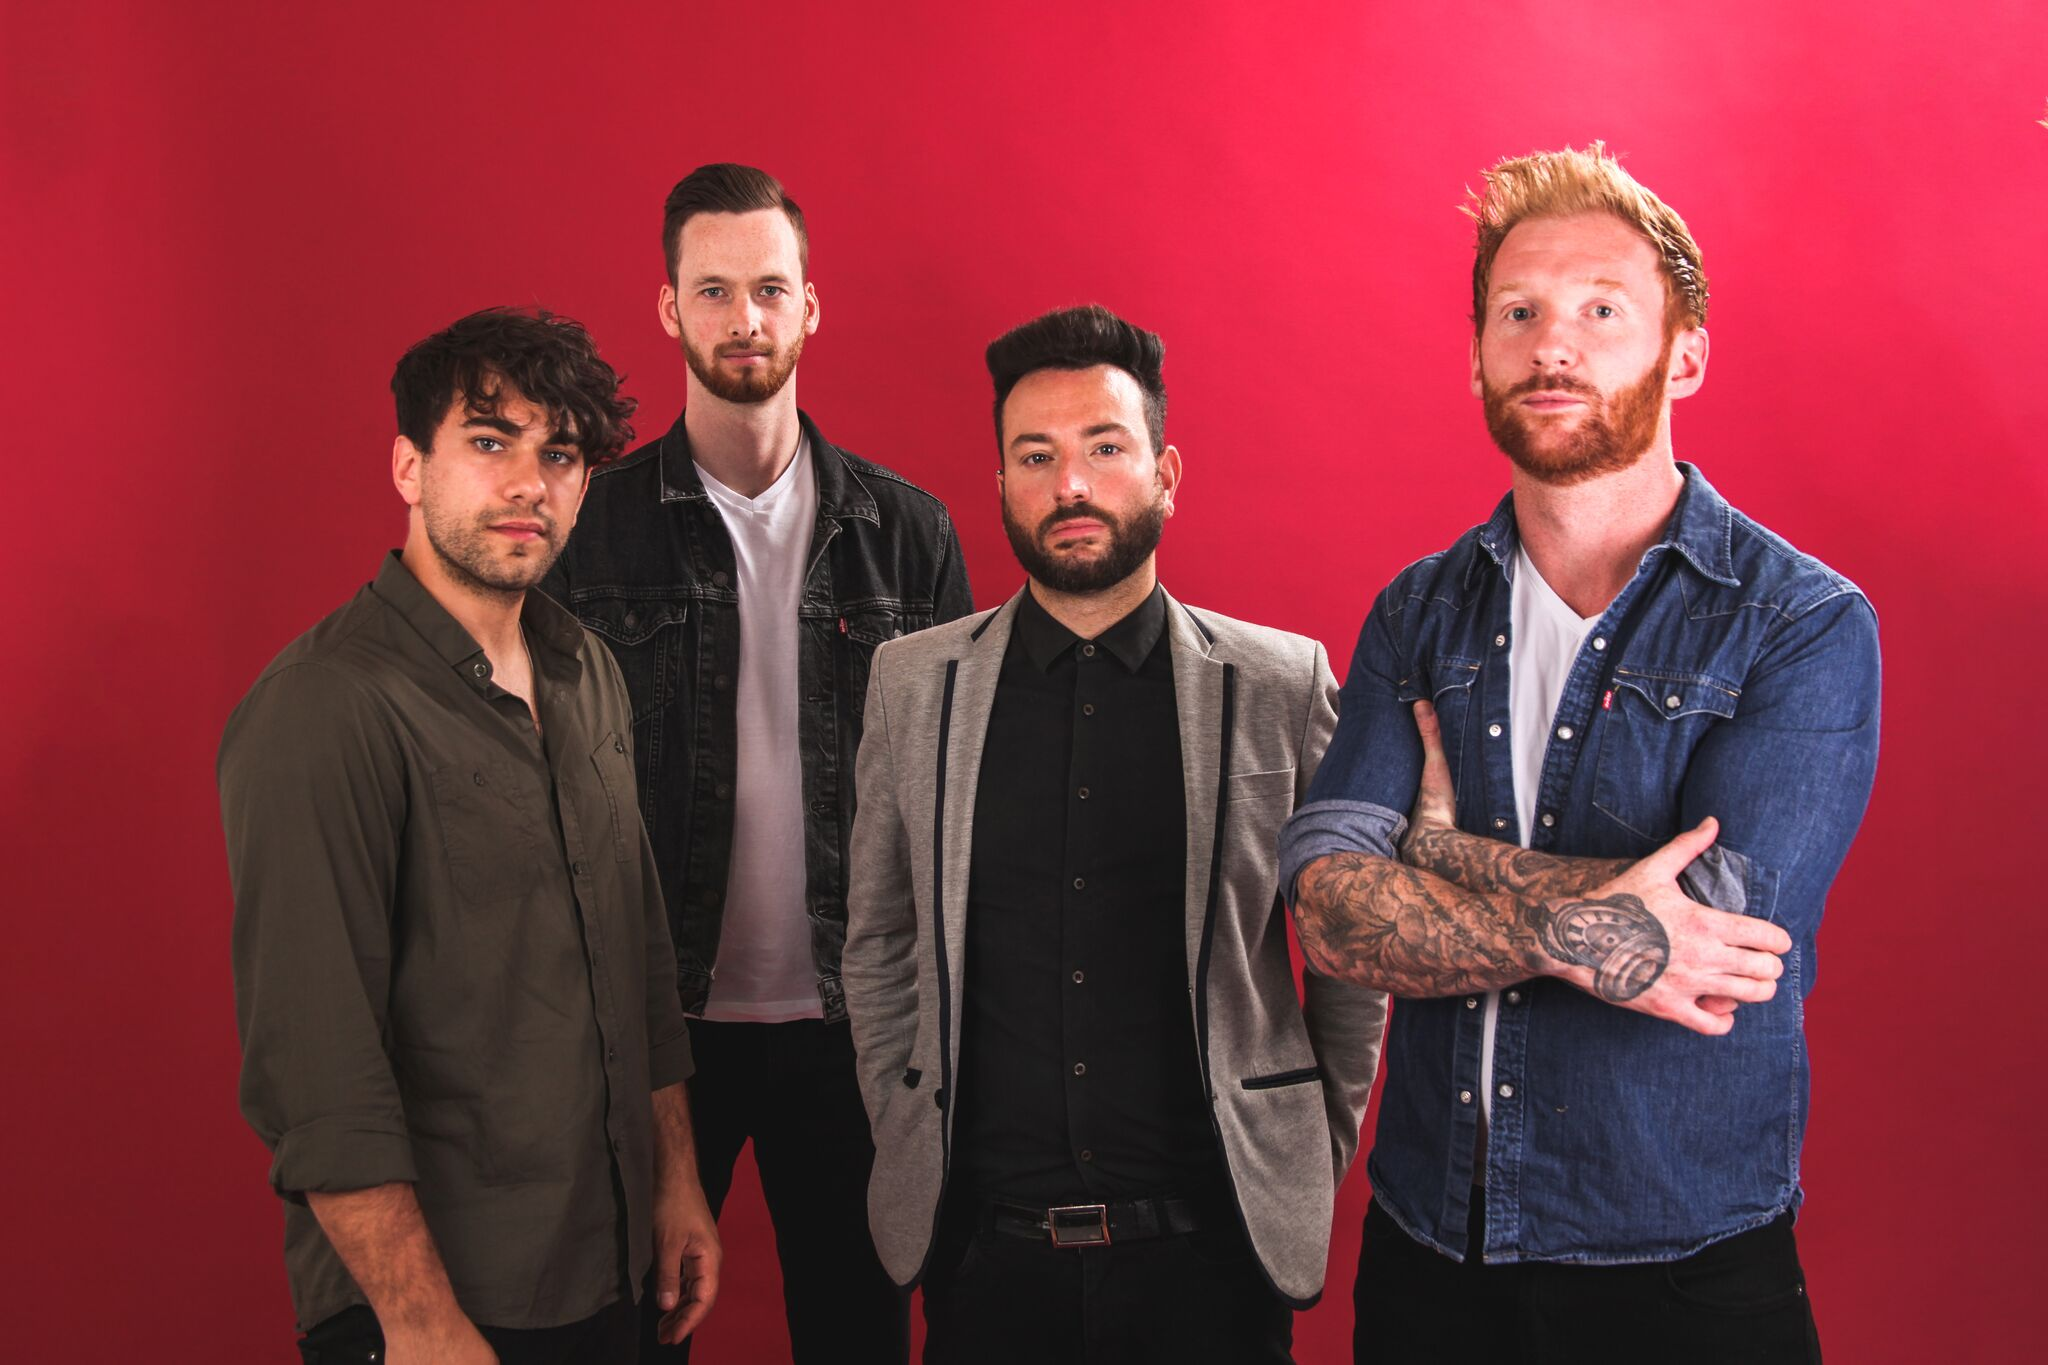 High energy indie wedding band